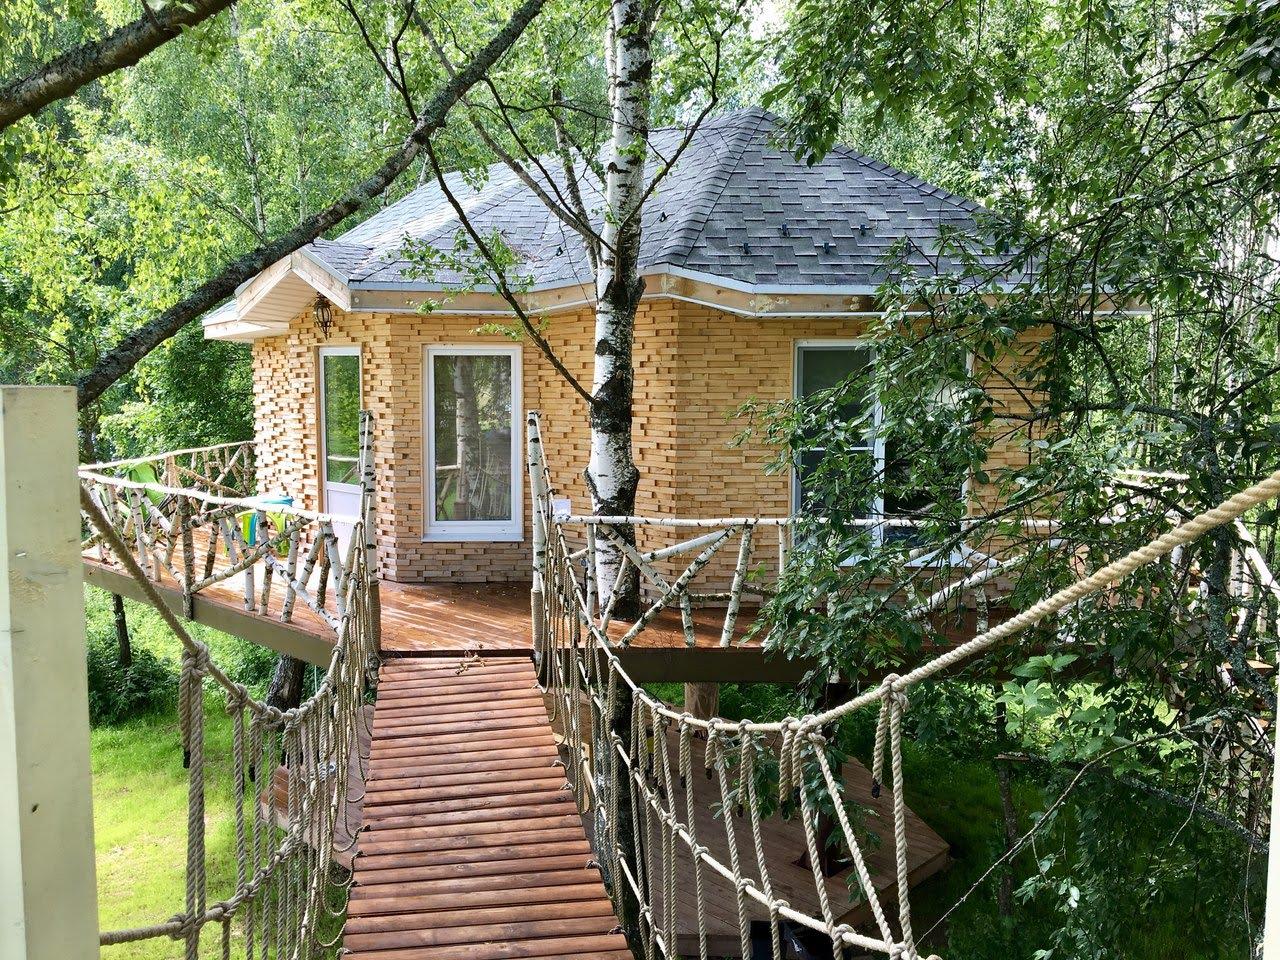 Незабываемый отдых в домике на дереве для двоих